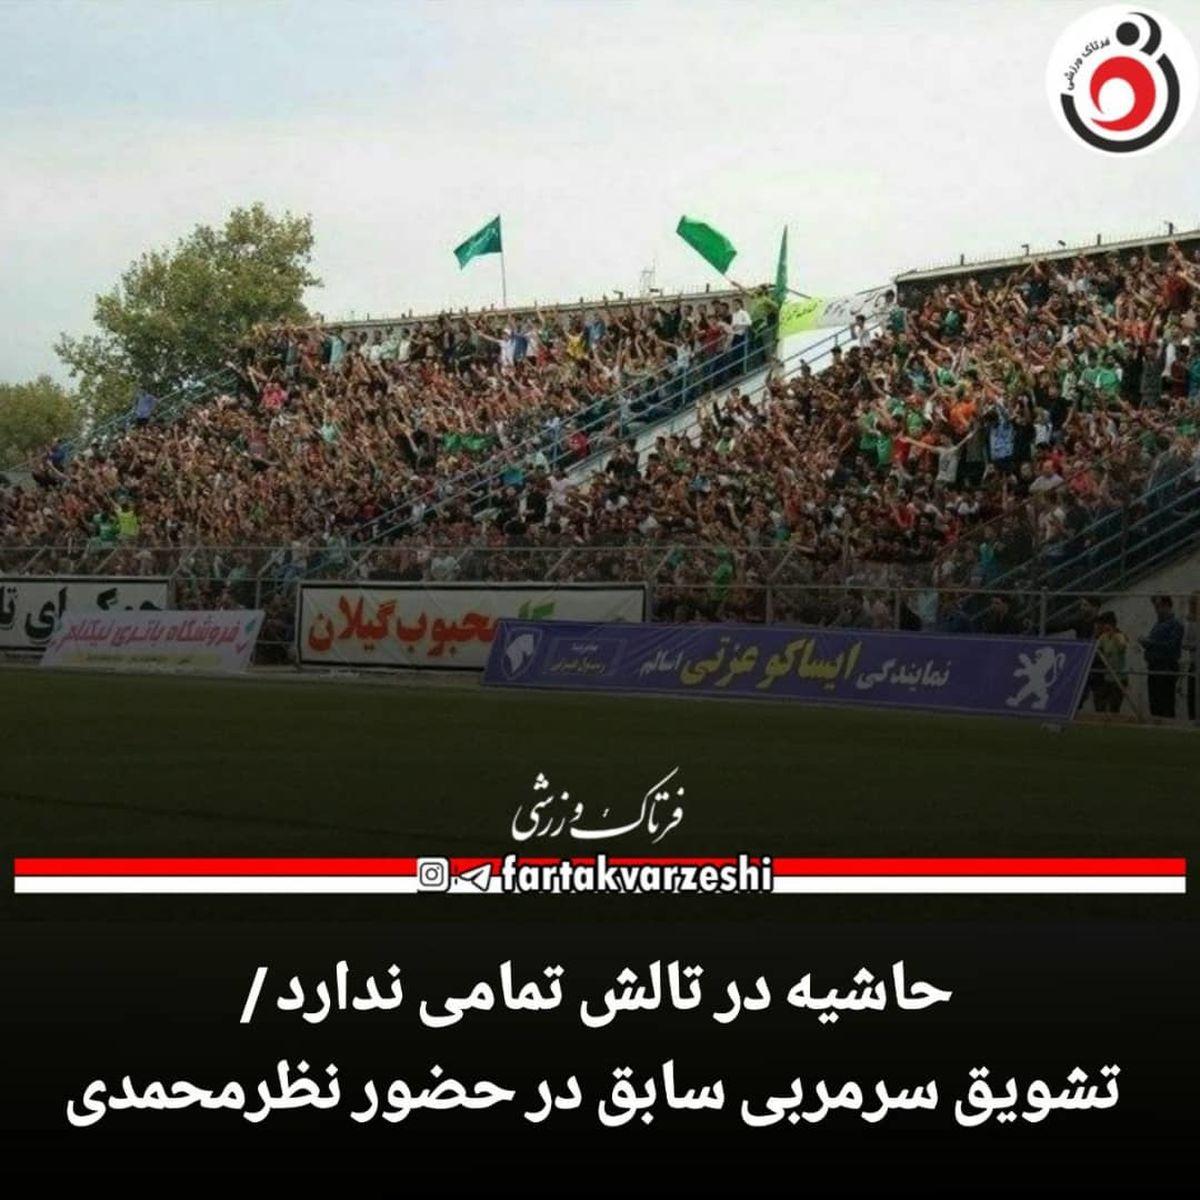 حاشیه در تالش تمامی ندارد / تشویق سرمربی سابق در حضور نظرمحمدی